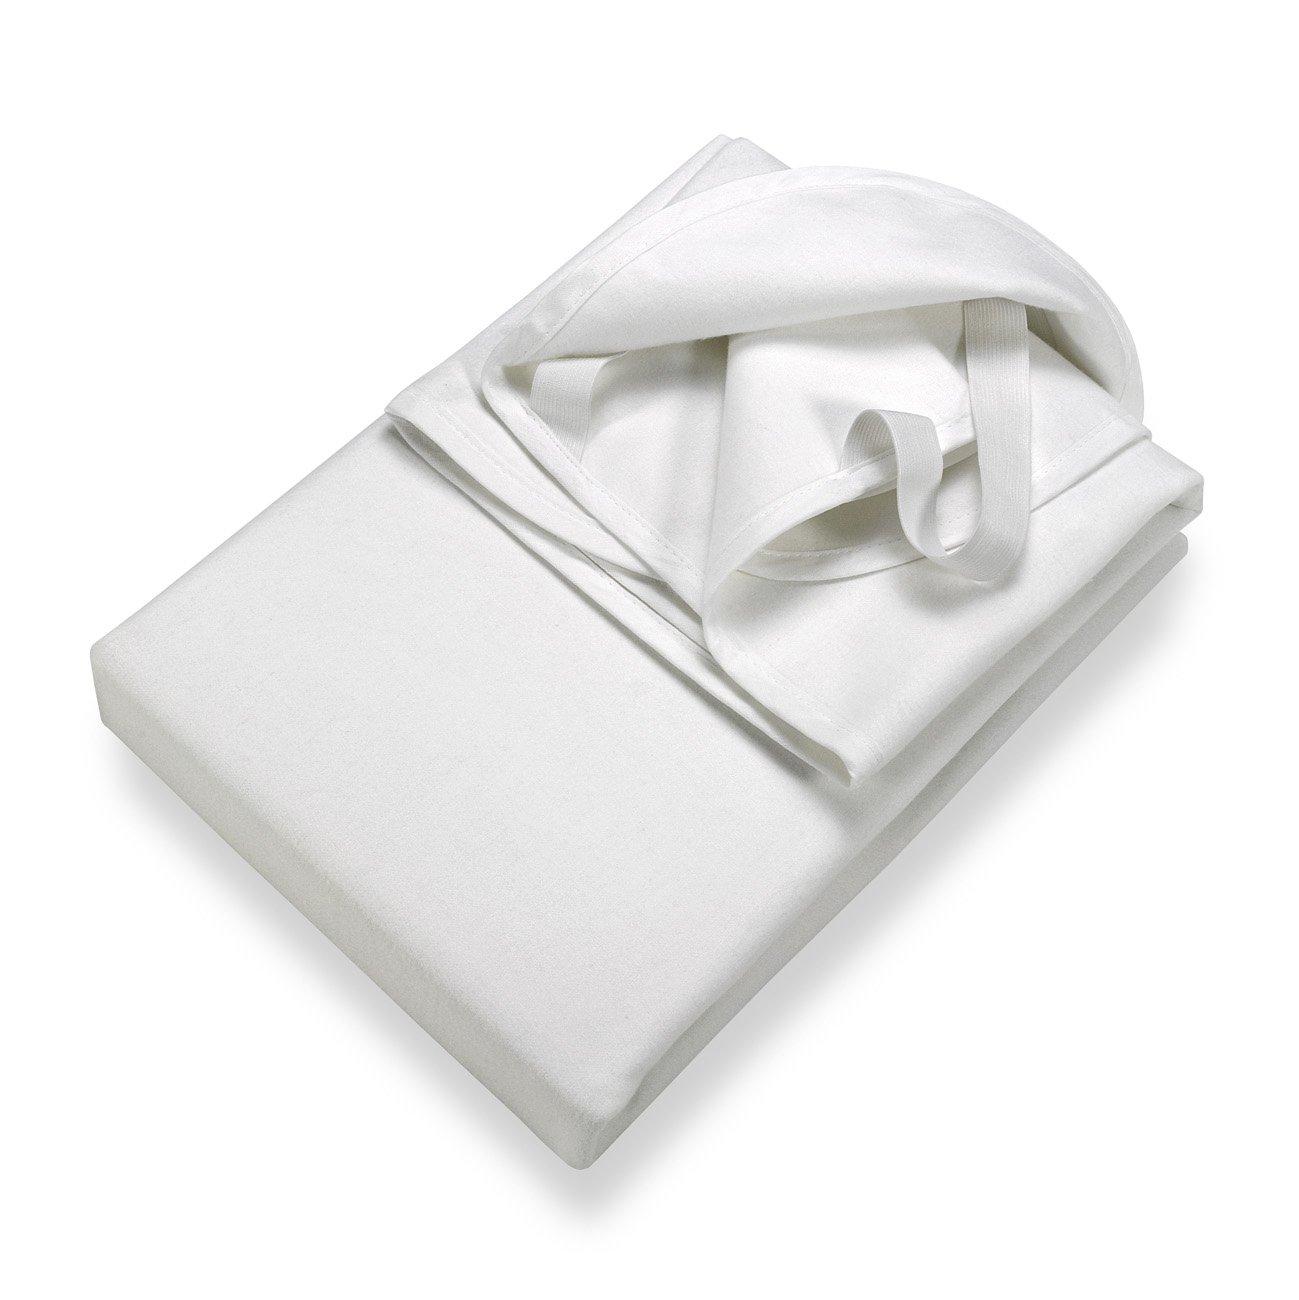 SETEX Protège matelas en molleton, étanche pour lit d'enfant, 40 x 50 cm, Junior, Blanc, 14U2 040050 025 002 14U2 040050 025 002 (SE0)